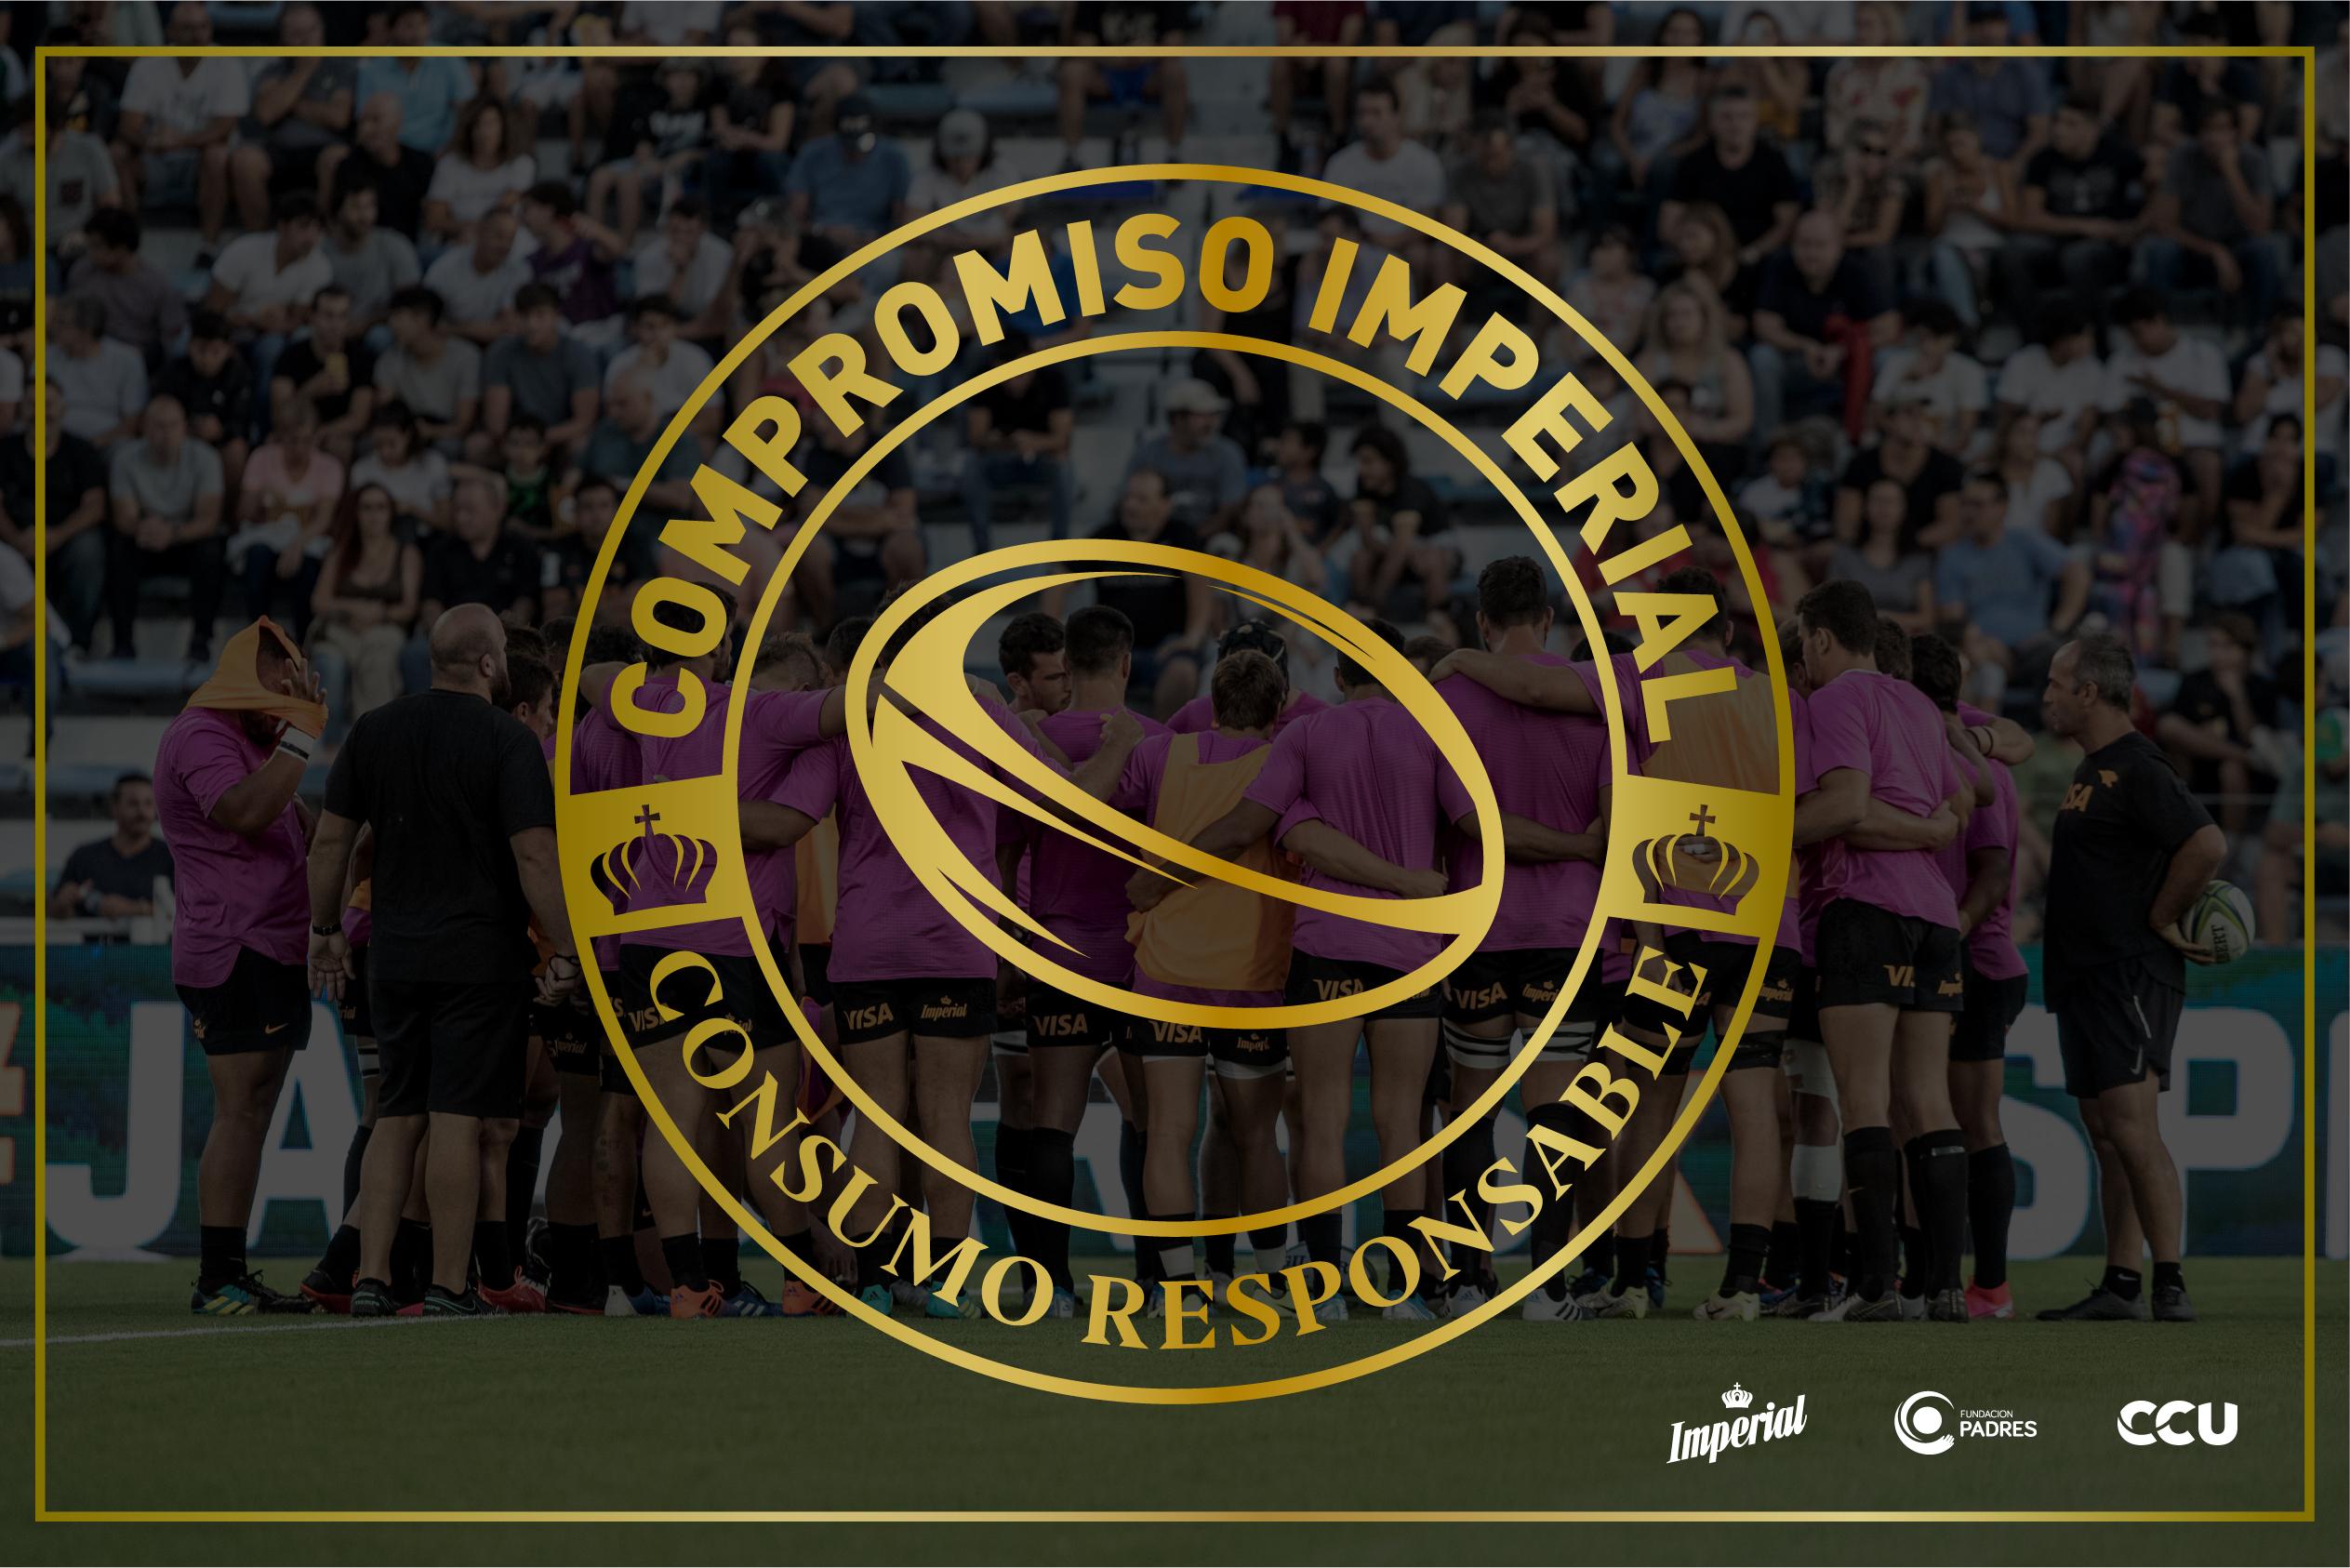 """Cerveza Imperial lanza el programa """"Compromiso Imperial"""" para promover el consumo responsable junto a rugby"""